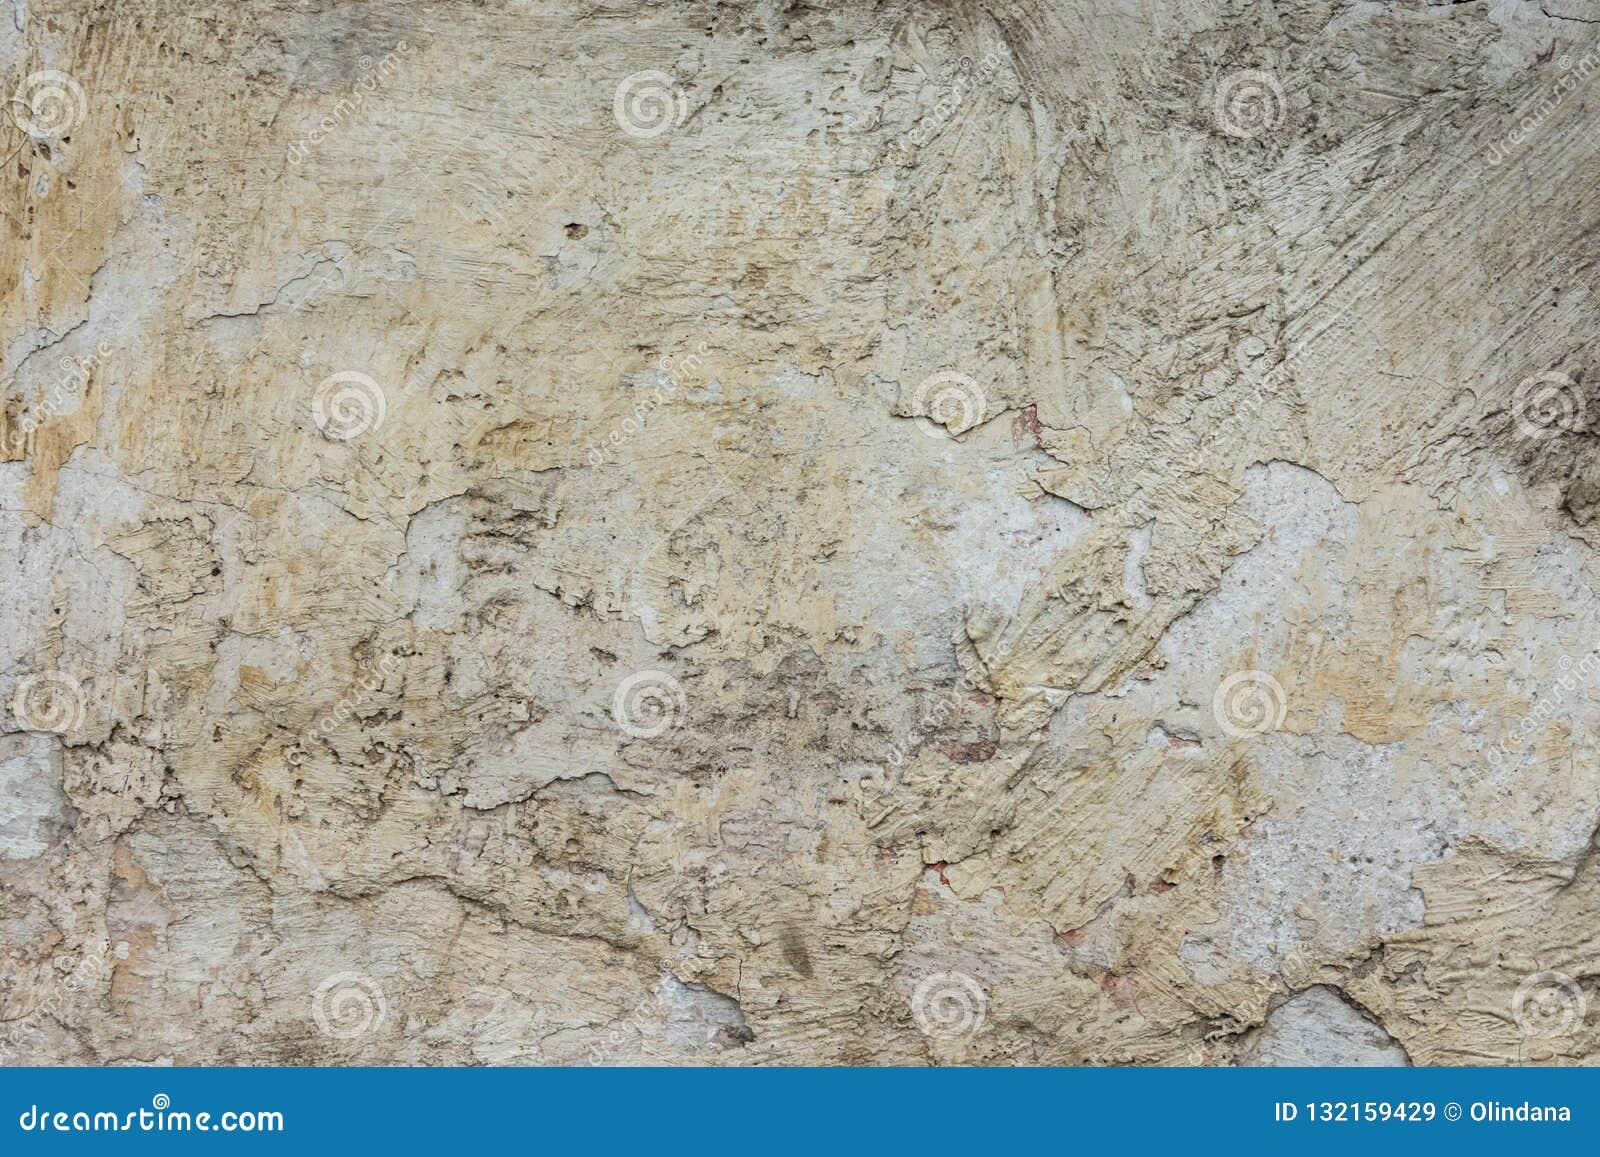 Abrasivo afligido riscado lascado emplastrou Grey Wall Background branco com textura áspera suja Cimento manchado rachado